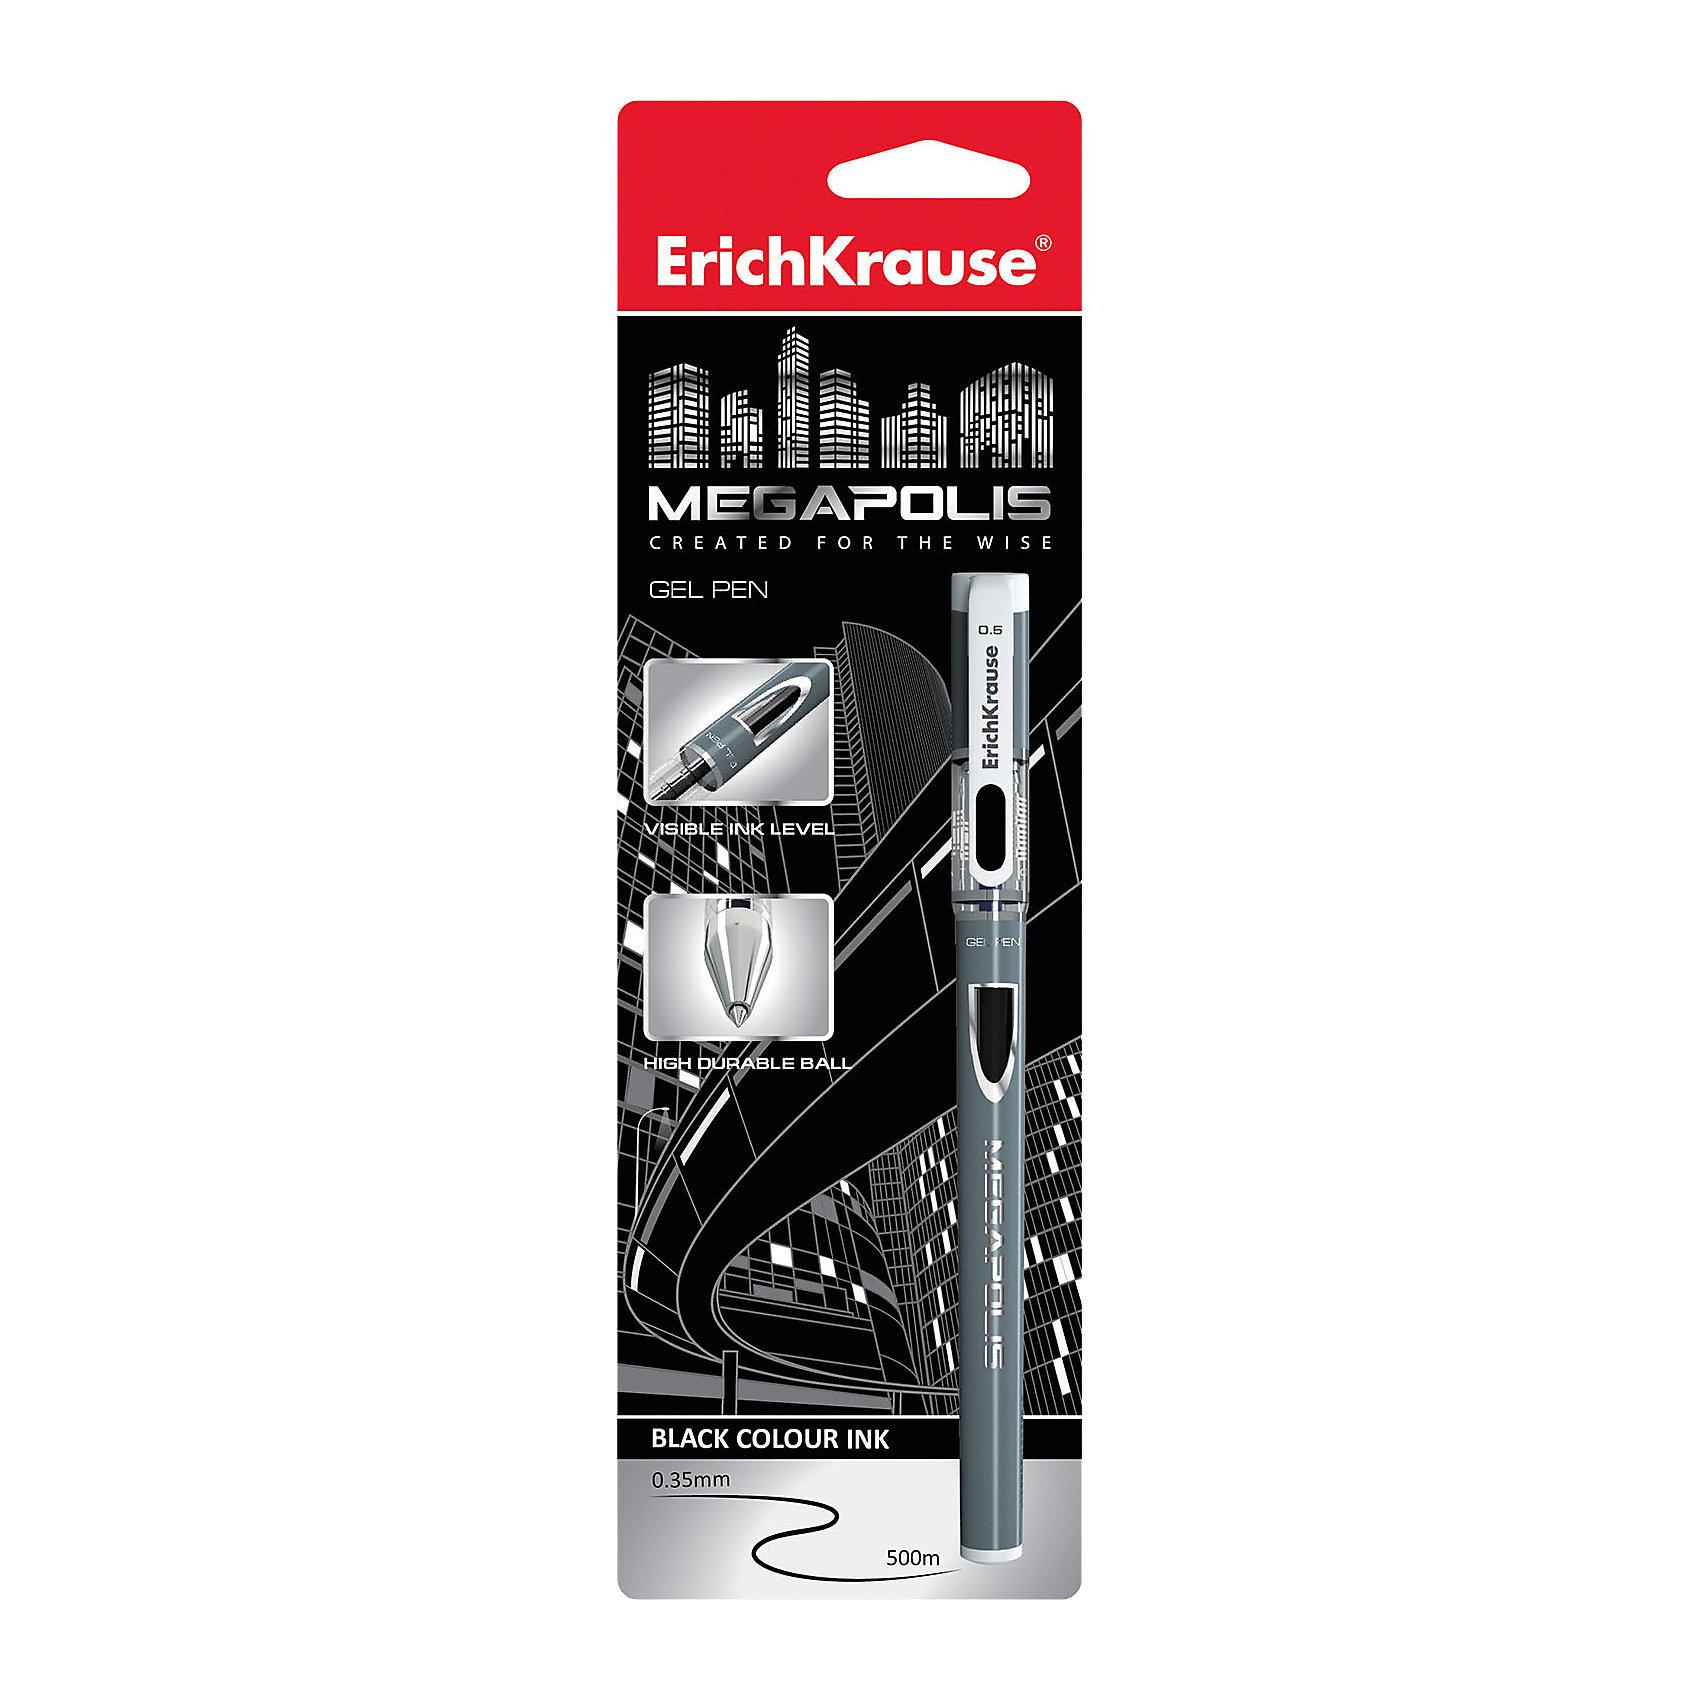 Erich Krause Ручка гелевая MEGAPOLIS GEL 0,5 мм (блистер, 1 шт.)  черные чернилаПисьменные принадлежности<br>Характеристики товара:<br><br>• пишущий узел: 0,5 мм;<br>• цвет чернил: черный;<br>• материал: пластик;<br>• размер упаковки: 1,5х6х20 см;<br>• вес: 24 грамма.<br><br>MEGAPOLIS GEL - удобная гелевая ручка от известного бренда Erich Krause. Ручка выполнена в приятном дизайне с серебристым цветом корпуса. Пишущий узел толщиной 0,5 мм не царапает бумагу и обеспечивает мягкое и комфортное письмо аккуратными линиями. Использование ручки не требует сильного нажатия. Цвет чернил - черный.<br><br>Erich Krause (Эрих Краузе) Ручку гелевую MEGAPOLIS GEL 0,5 мм (блистер, 1 шт.) черные чернила можно купить в нашем интернет-магазине.<br><br>Ширина мм: 200<br>Глубина мм: 60<br>Высота мм: 15<br>Вес г: 23<br>Возраст от месяцев: 144<br>Возраст до месяцев: 2147483647<br>Пол: Унисекс<br>Возраст: Детский<br>SKU: 6878813